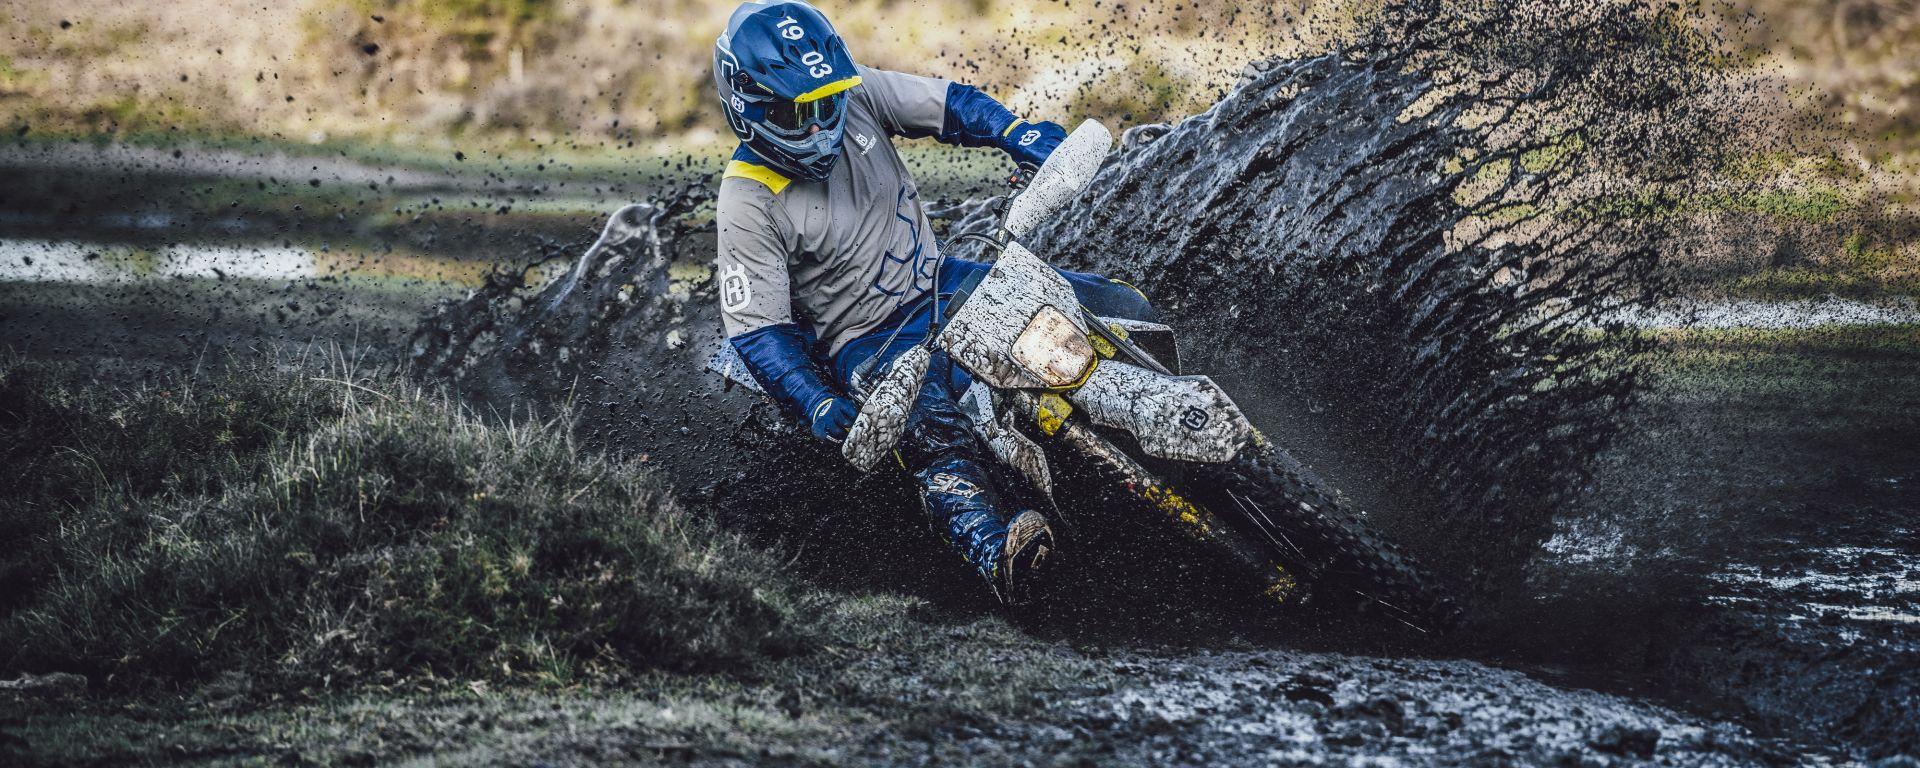 Husqvarna FE 350 2021: a gas pieno nel fango